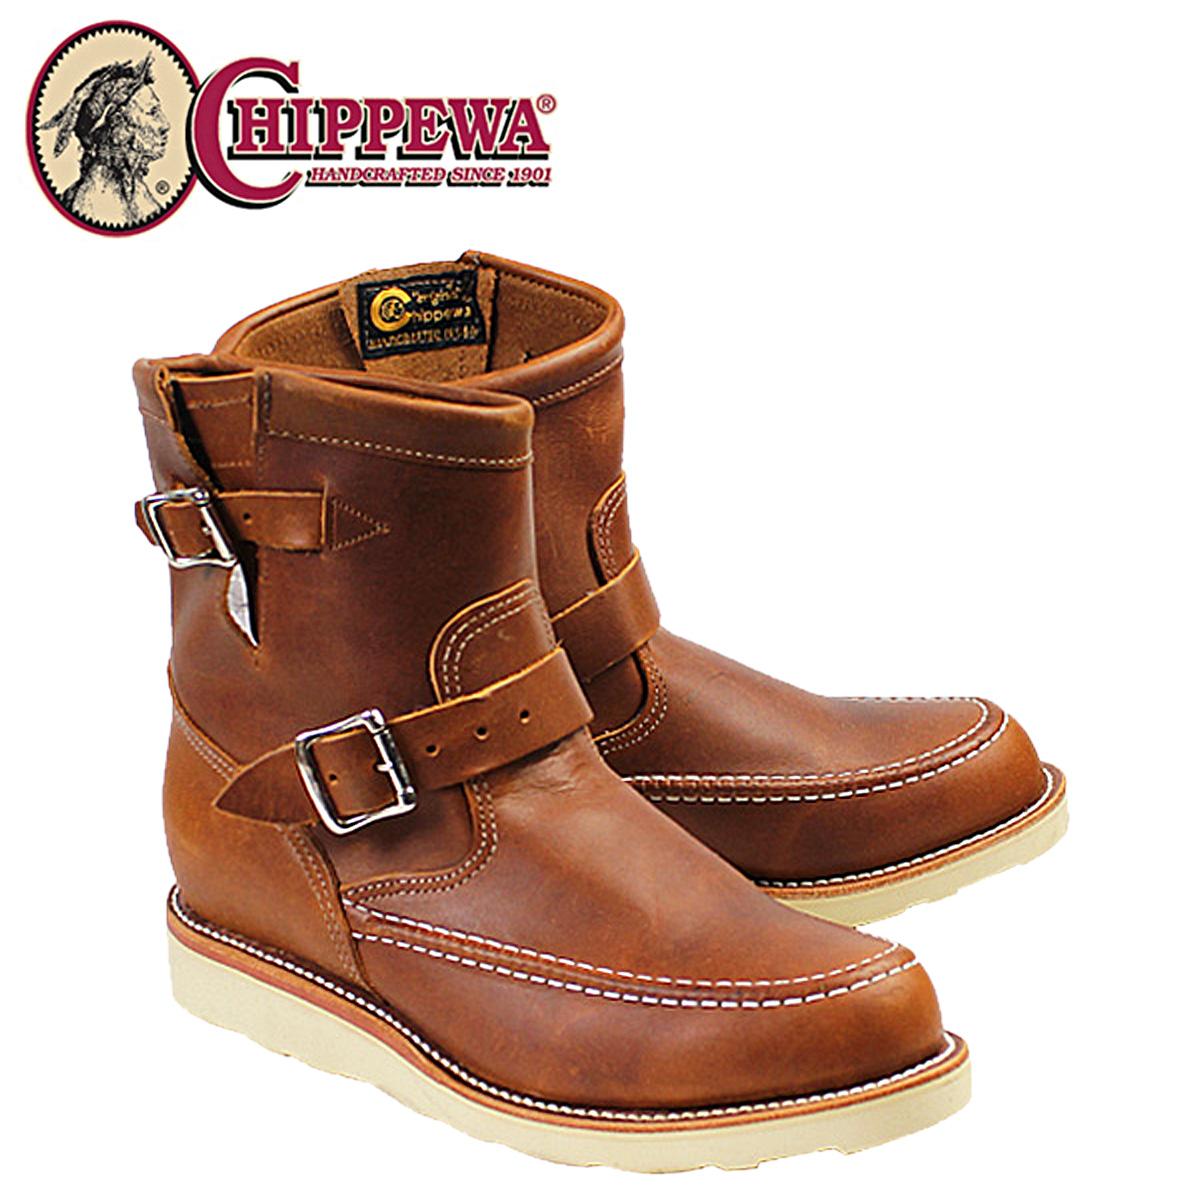 CHIPPEWA チペワ 7INCH RENEGADE HIGHLANDER ブーツ 7インチ レネゲード ハイランダー 1901M08 Eワイズ タン メンズ